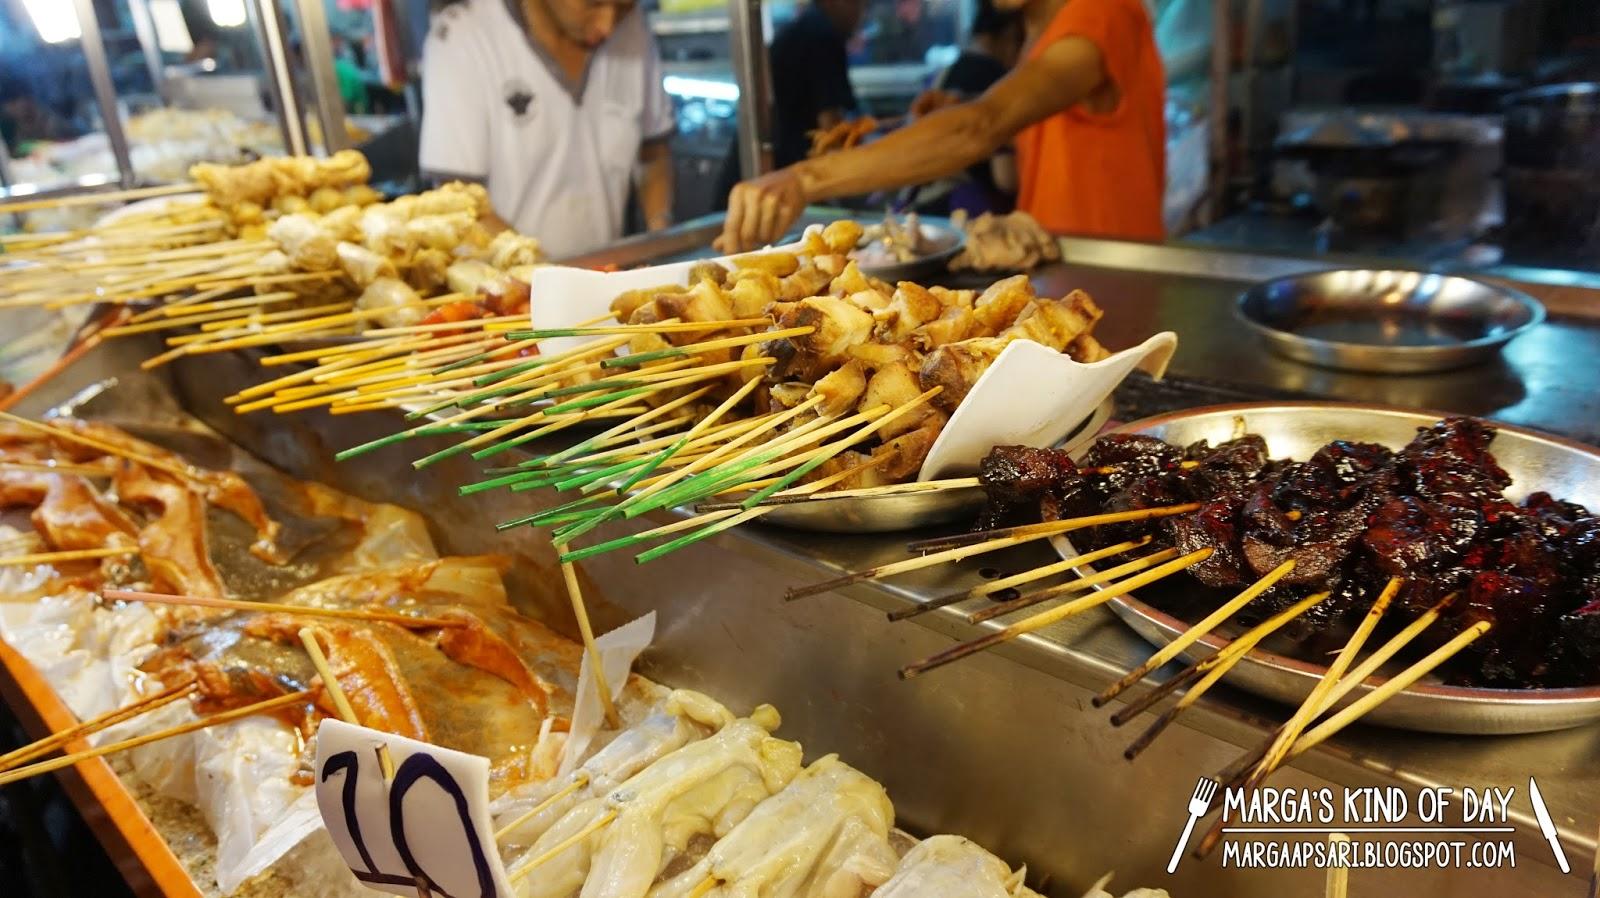 Wisata kuliner Jalan Alor, Kuala Lumpur